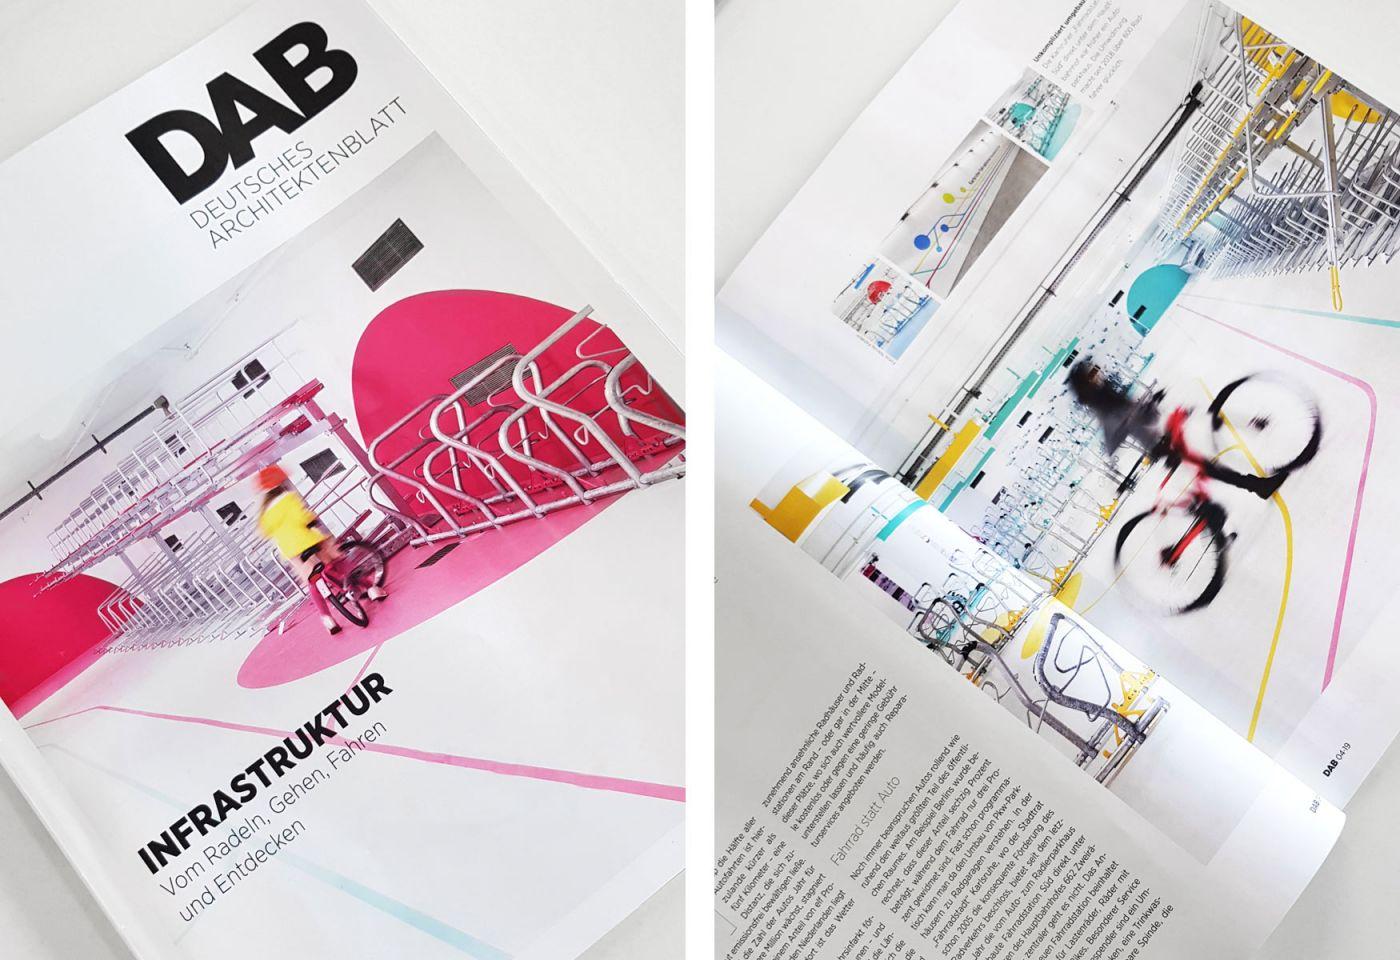 DAB Deutsches Architektenblatt 2019 - Fahrradstation Hauptbahnhof Karlsruhe